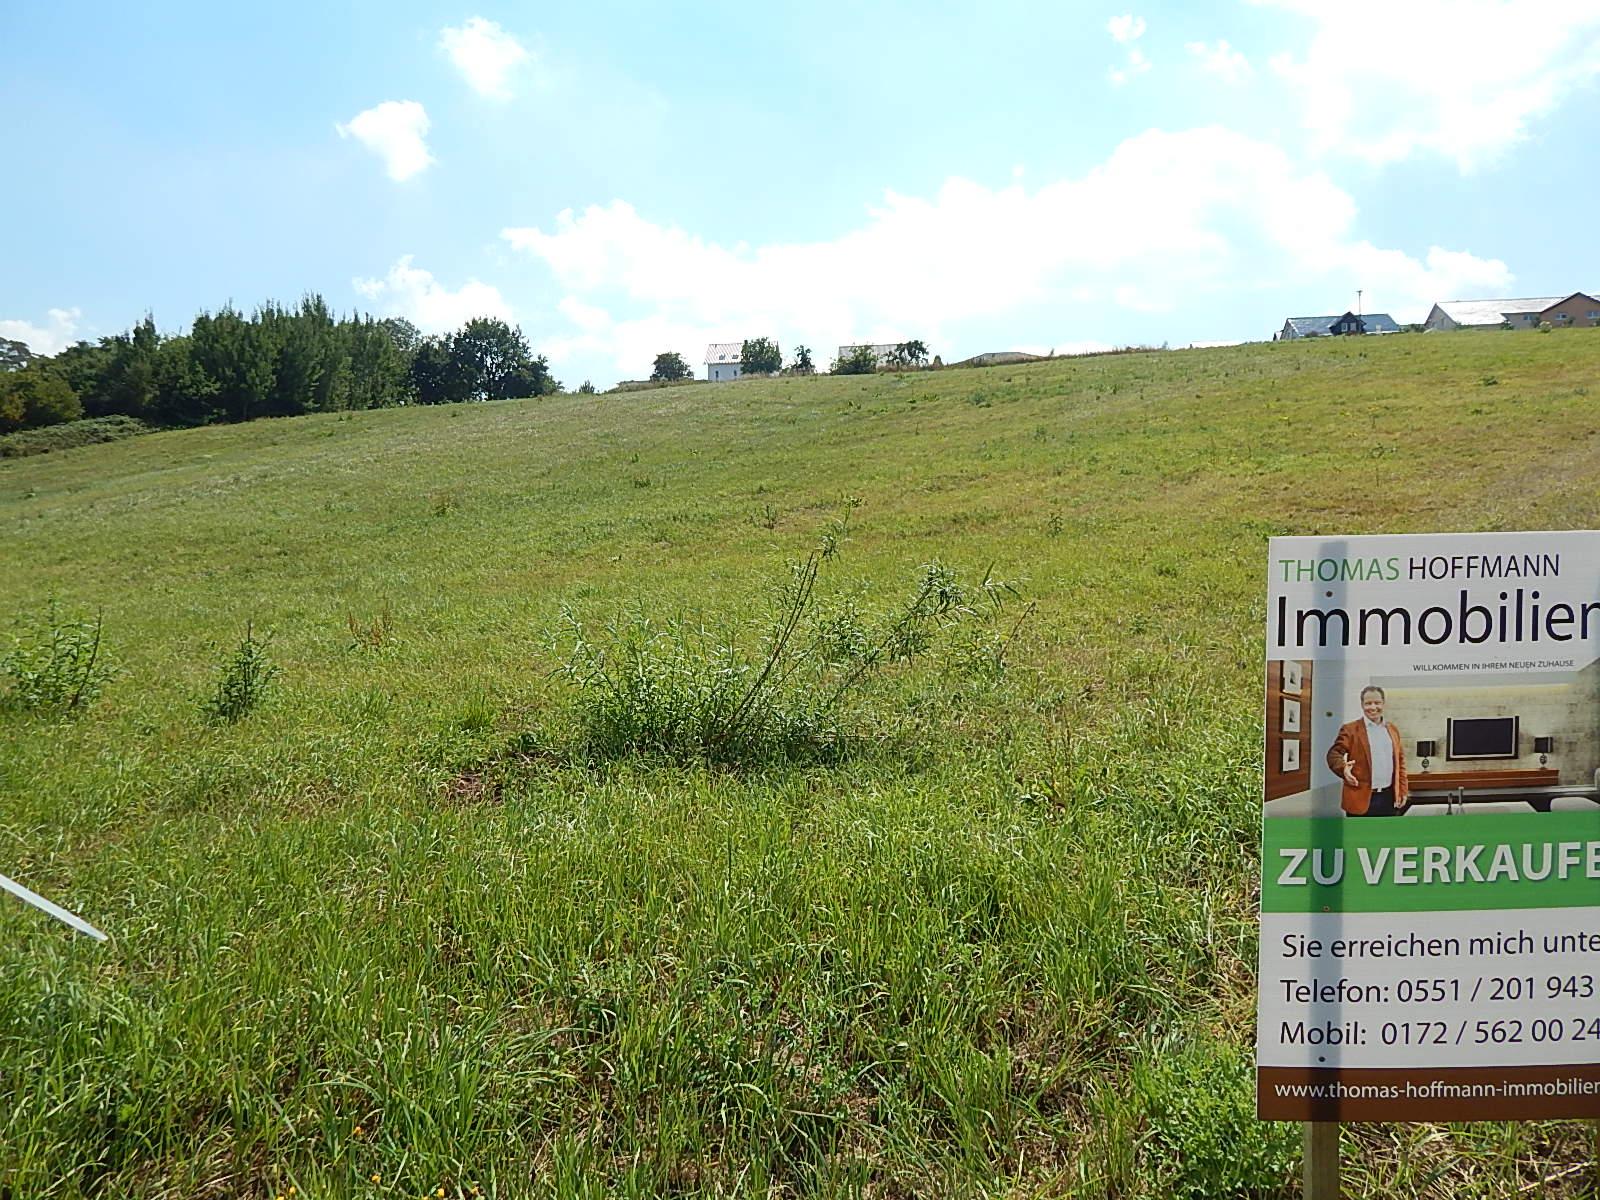 Der Traum vom Eigenheim! 30 Baugrundstücke von ca.677m² – 1.576m² in 37191 Katlenburg-Lindau!